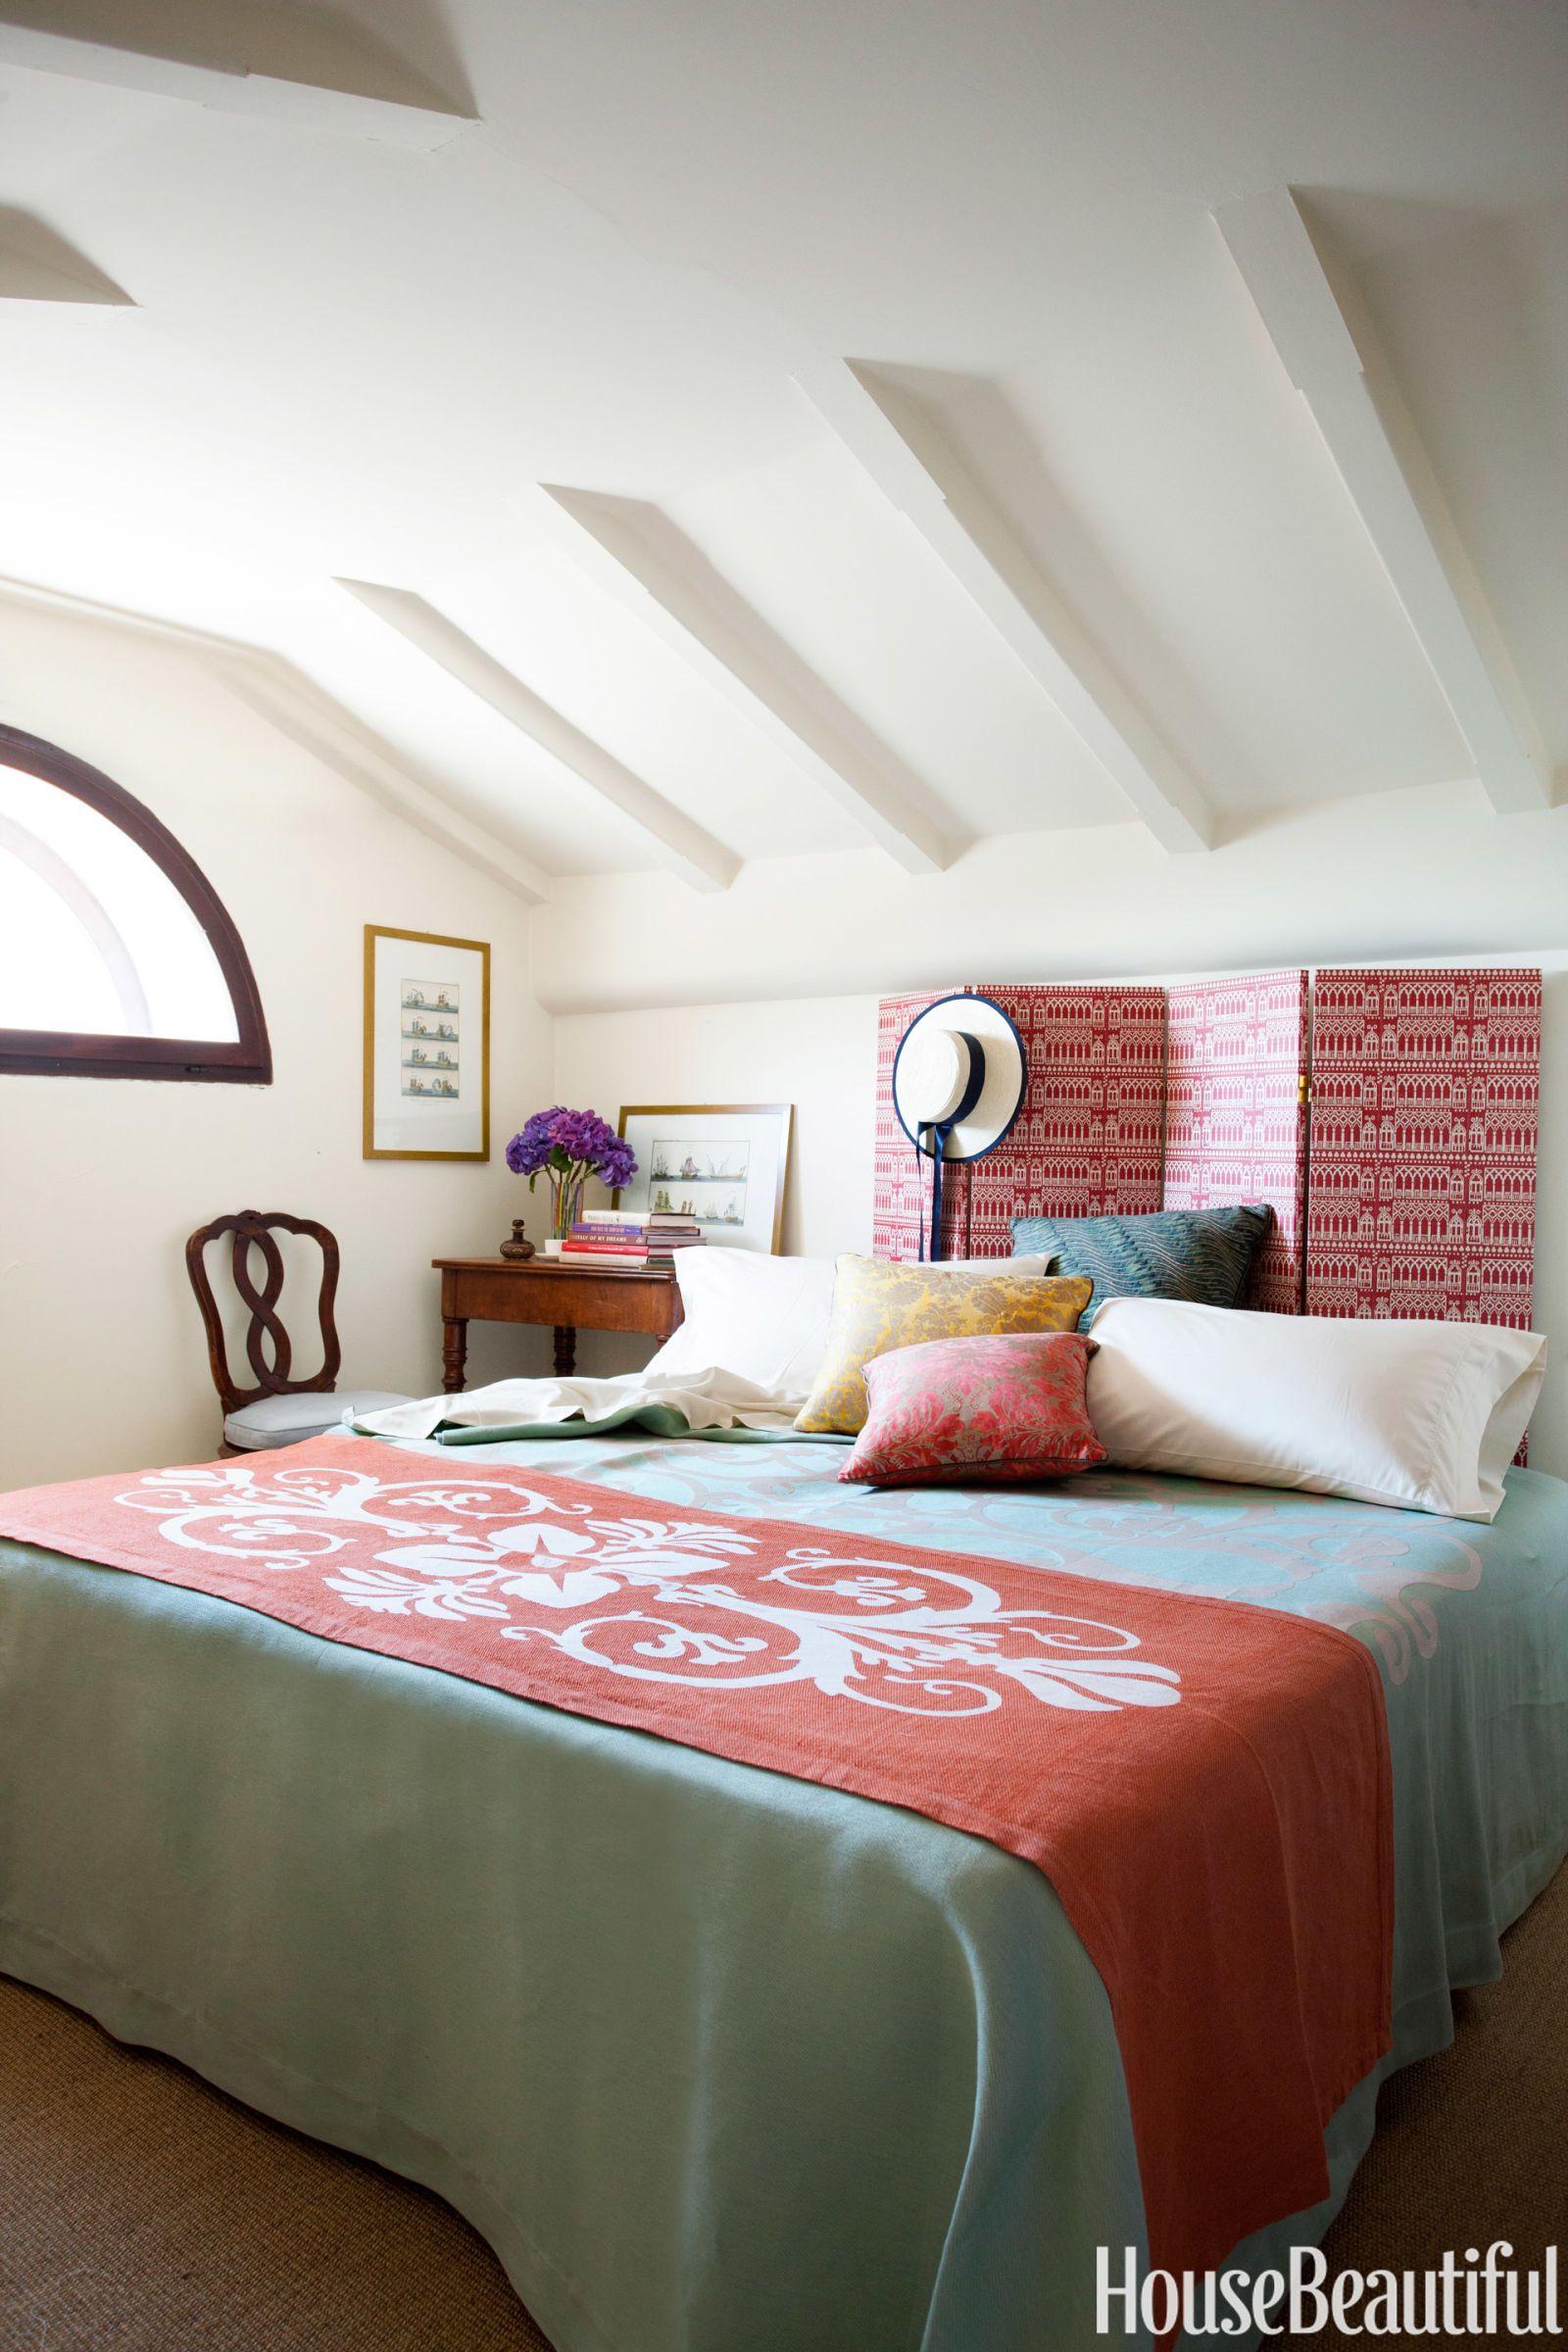 Master bedroom headboard design ideas   SpaceSaving Design Ideas for Small Bedrooms  Bedrooms Master